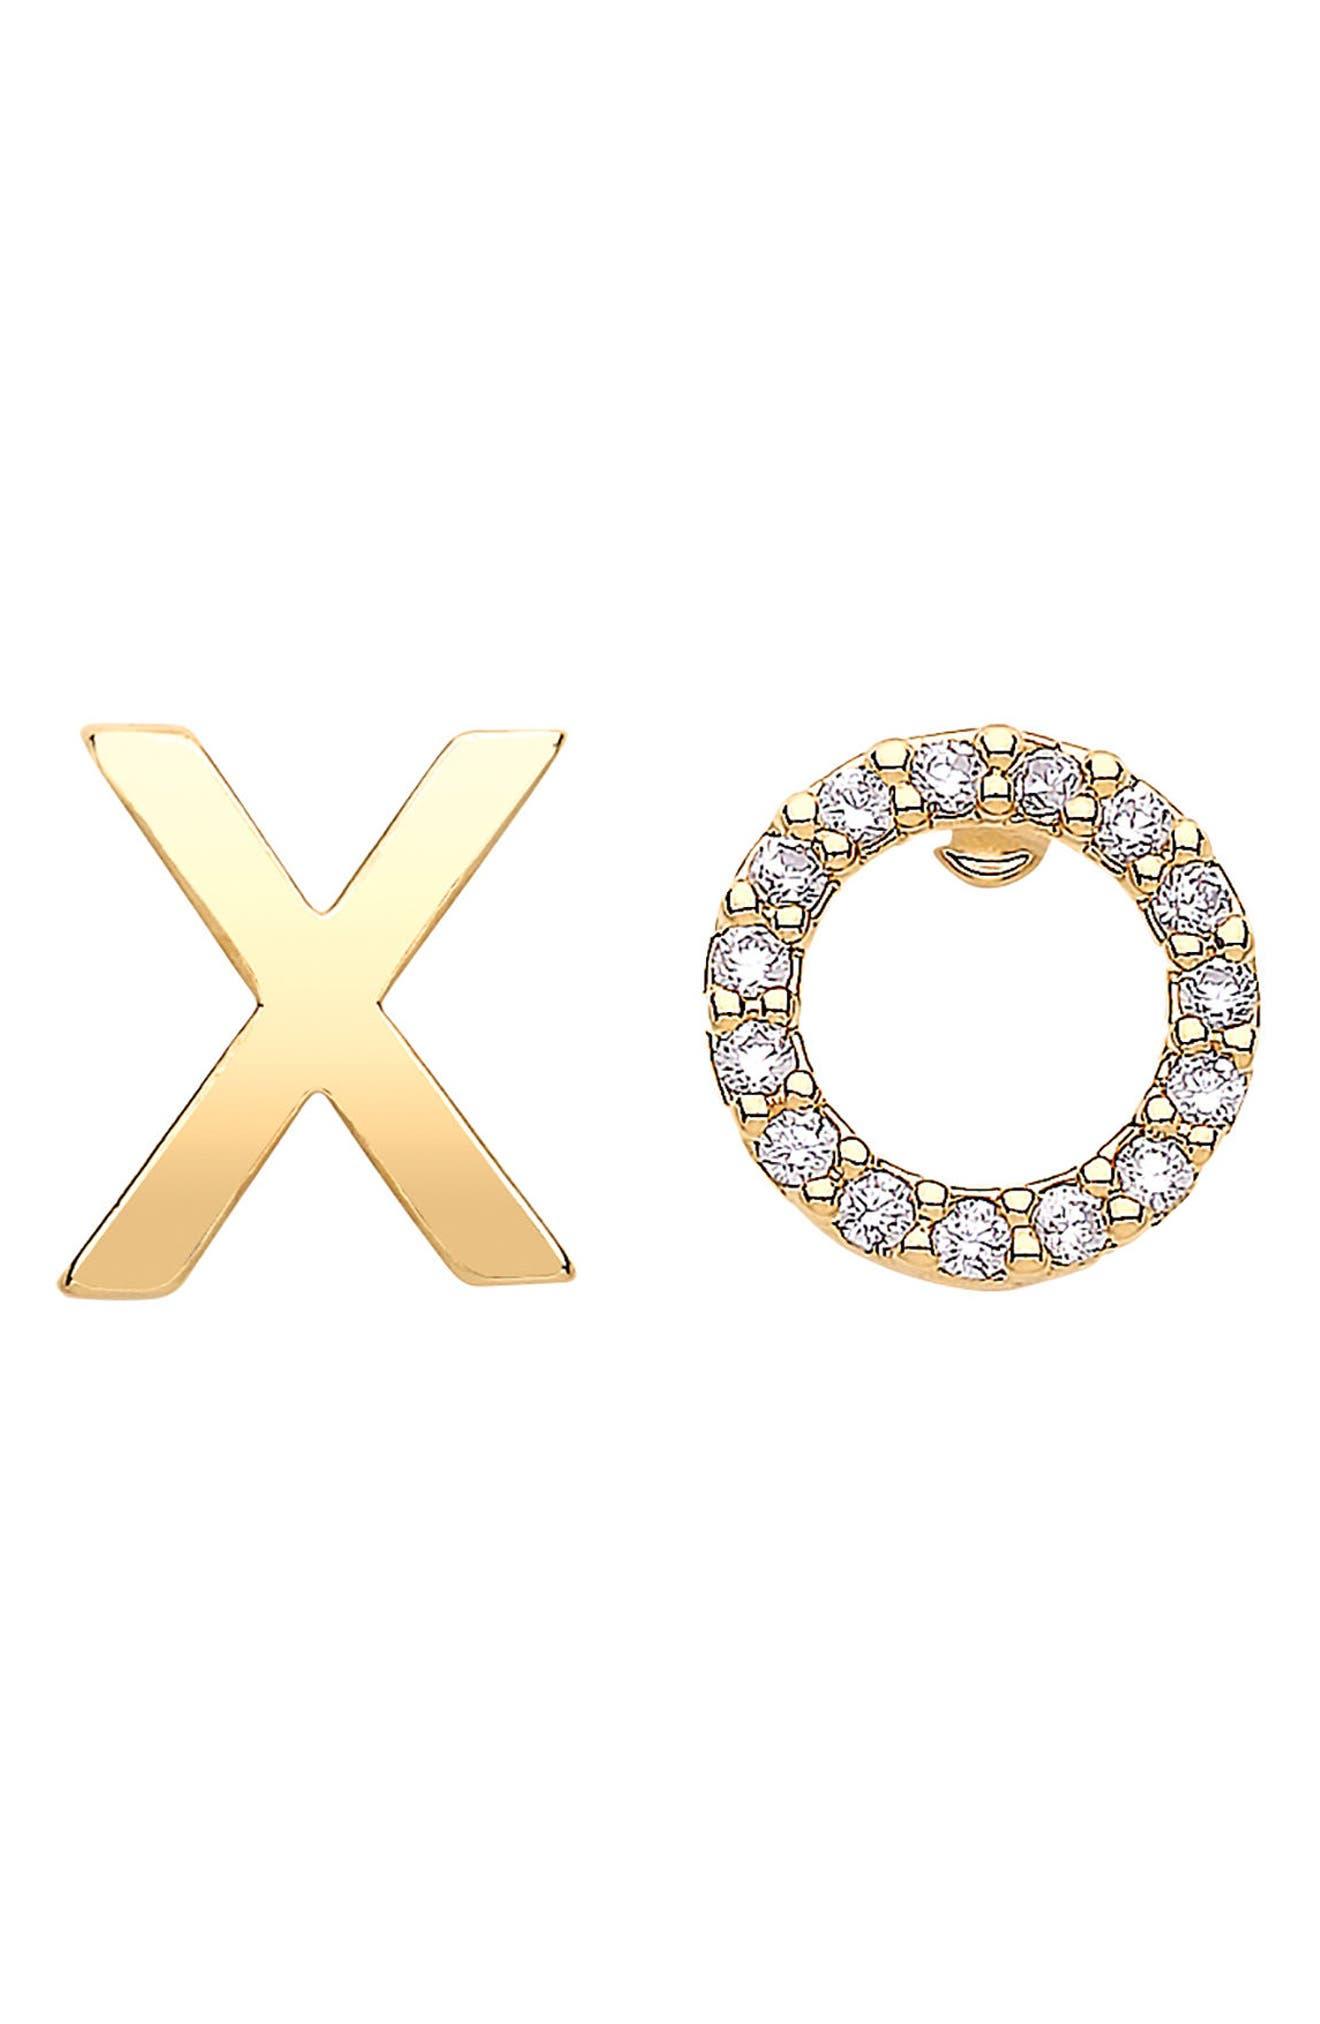 Xo Stud Earrings